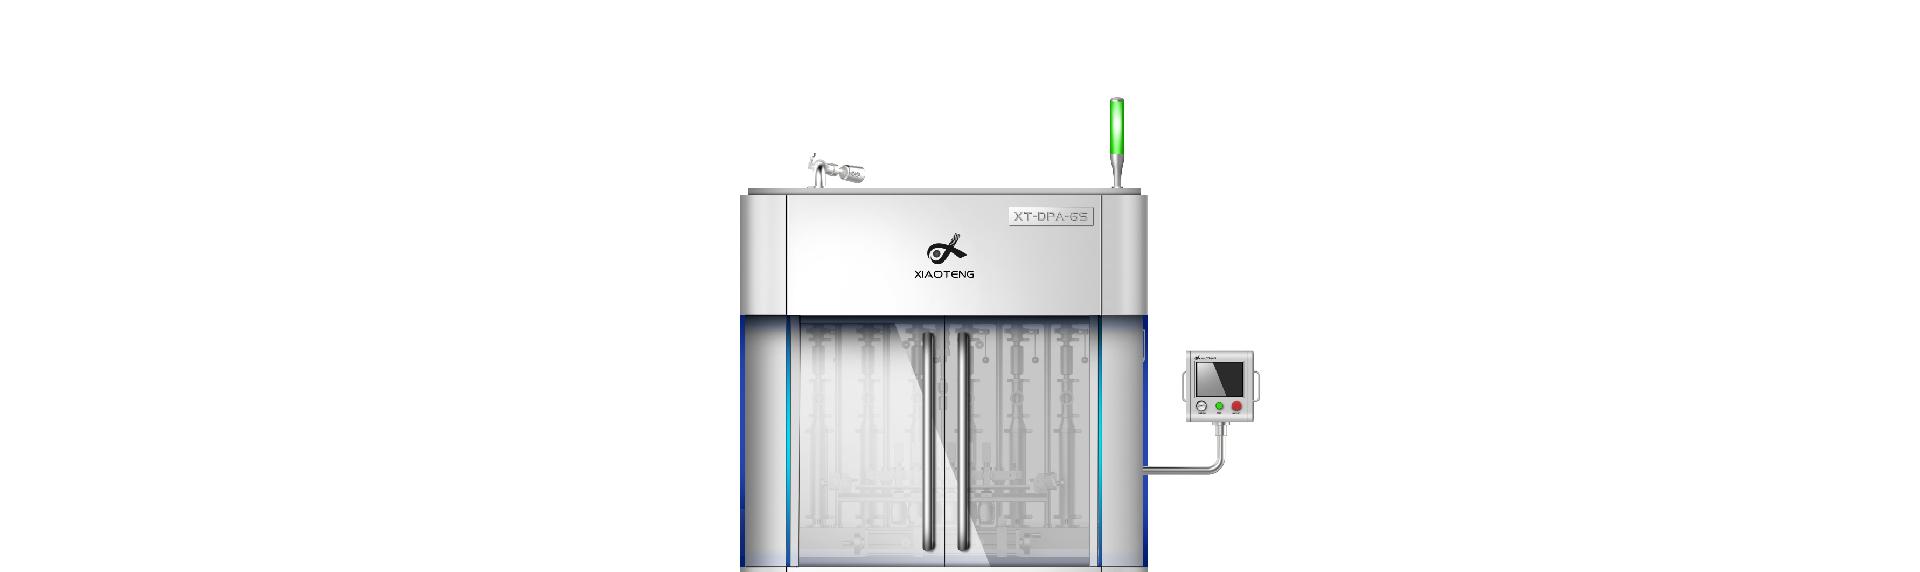 SSC设计-灌装机